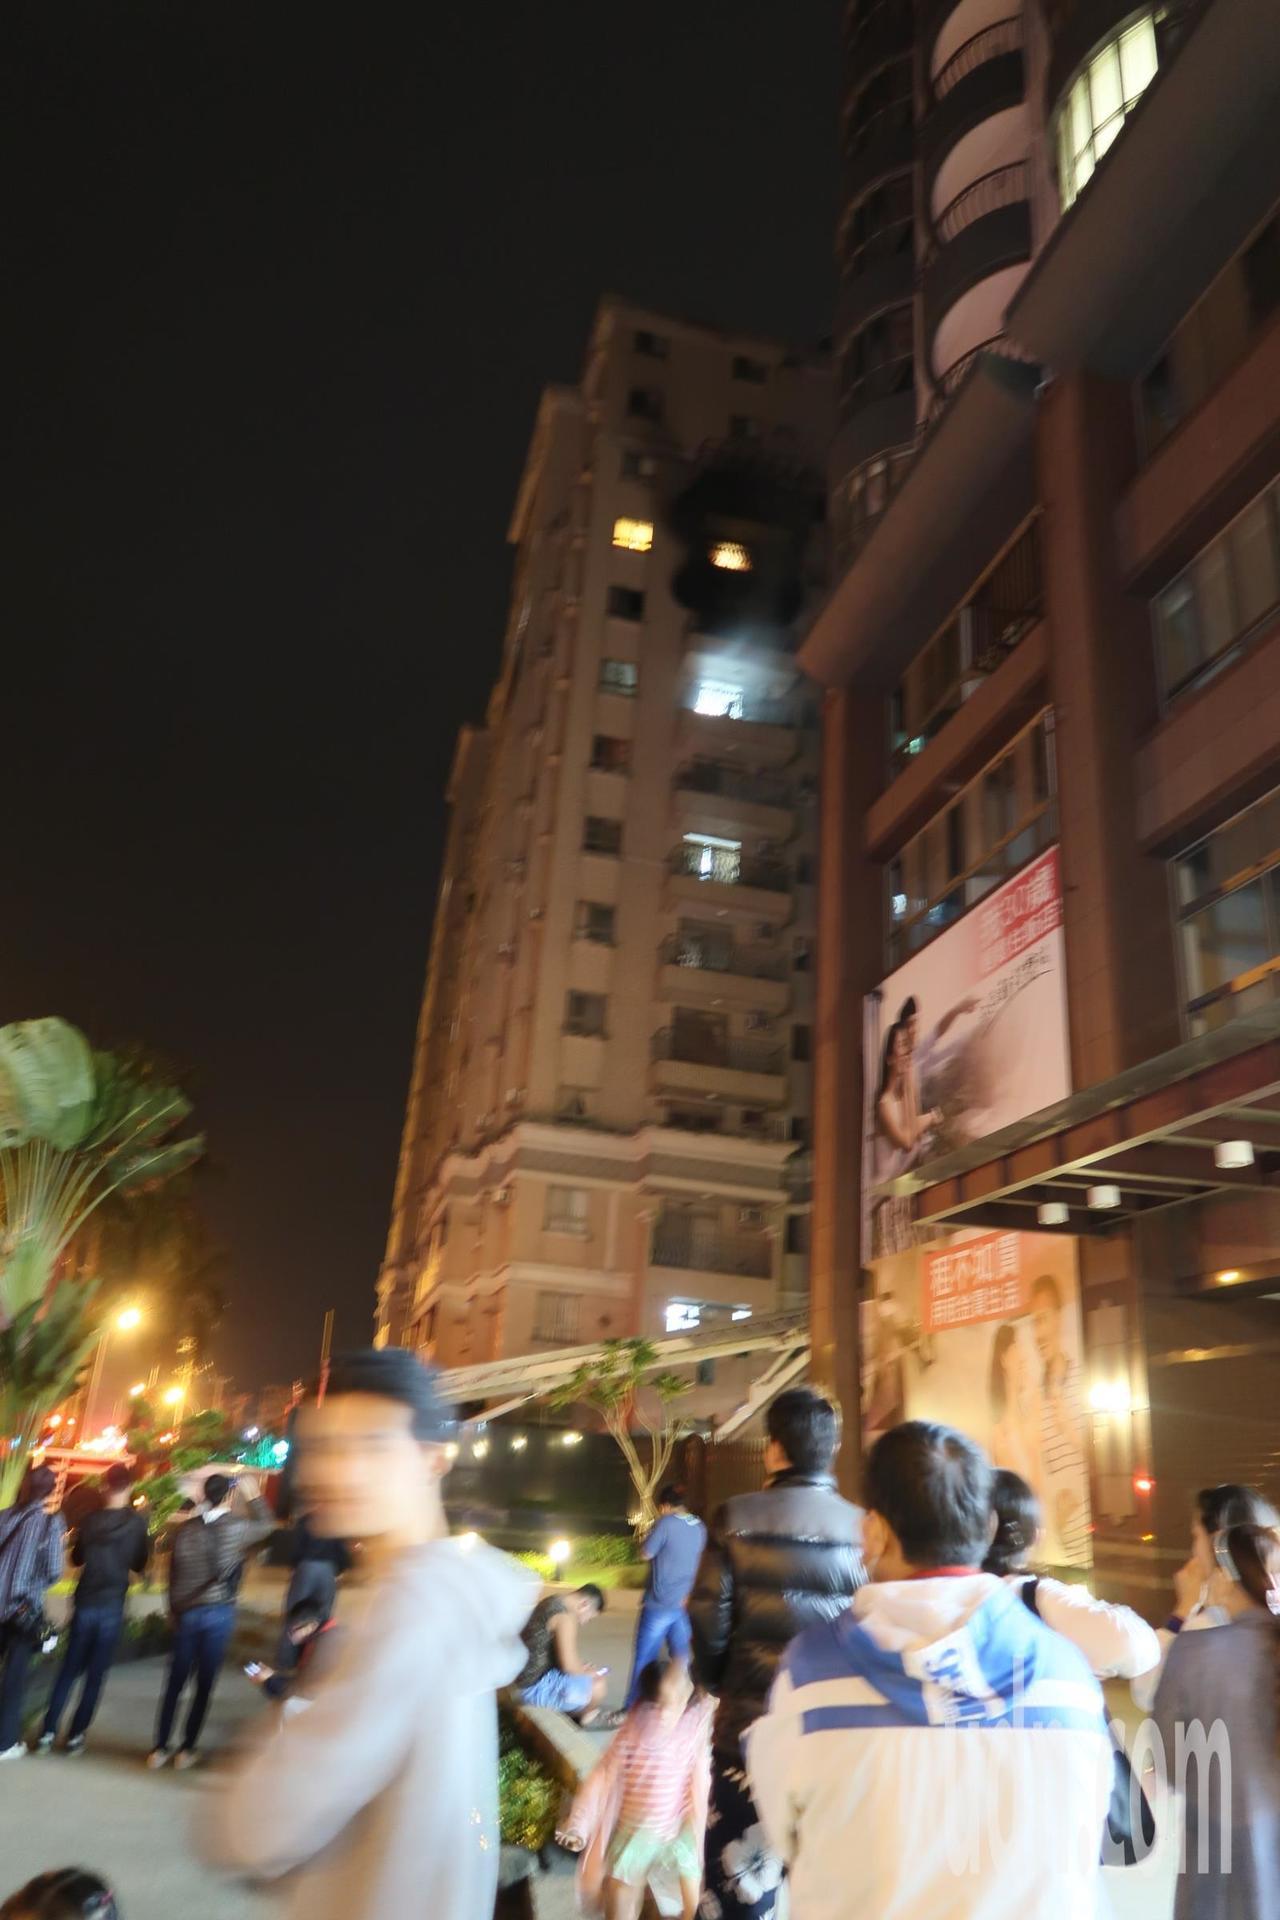 屏東市東山河社區晚間傳火警,住戶虛驚一場。記者翁禎霞/攝影